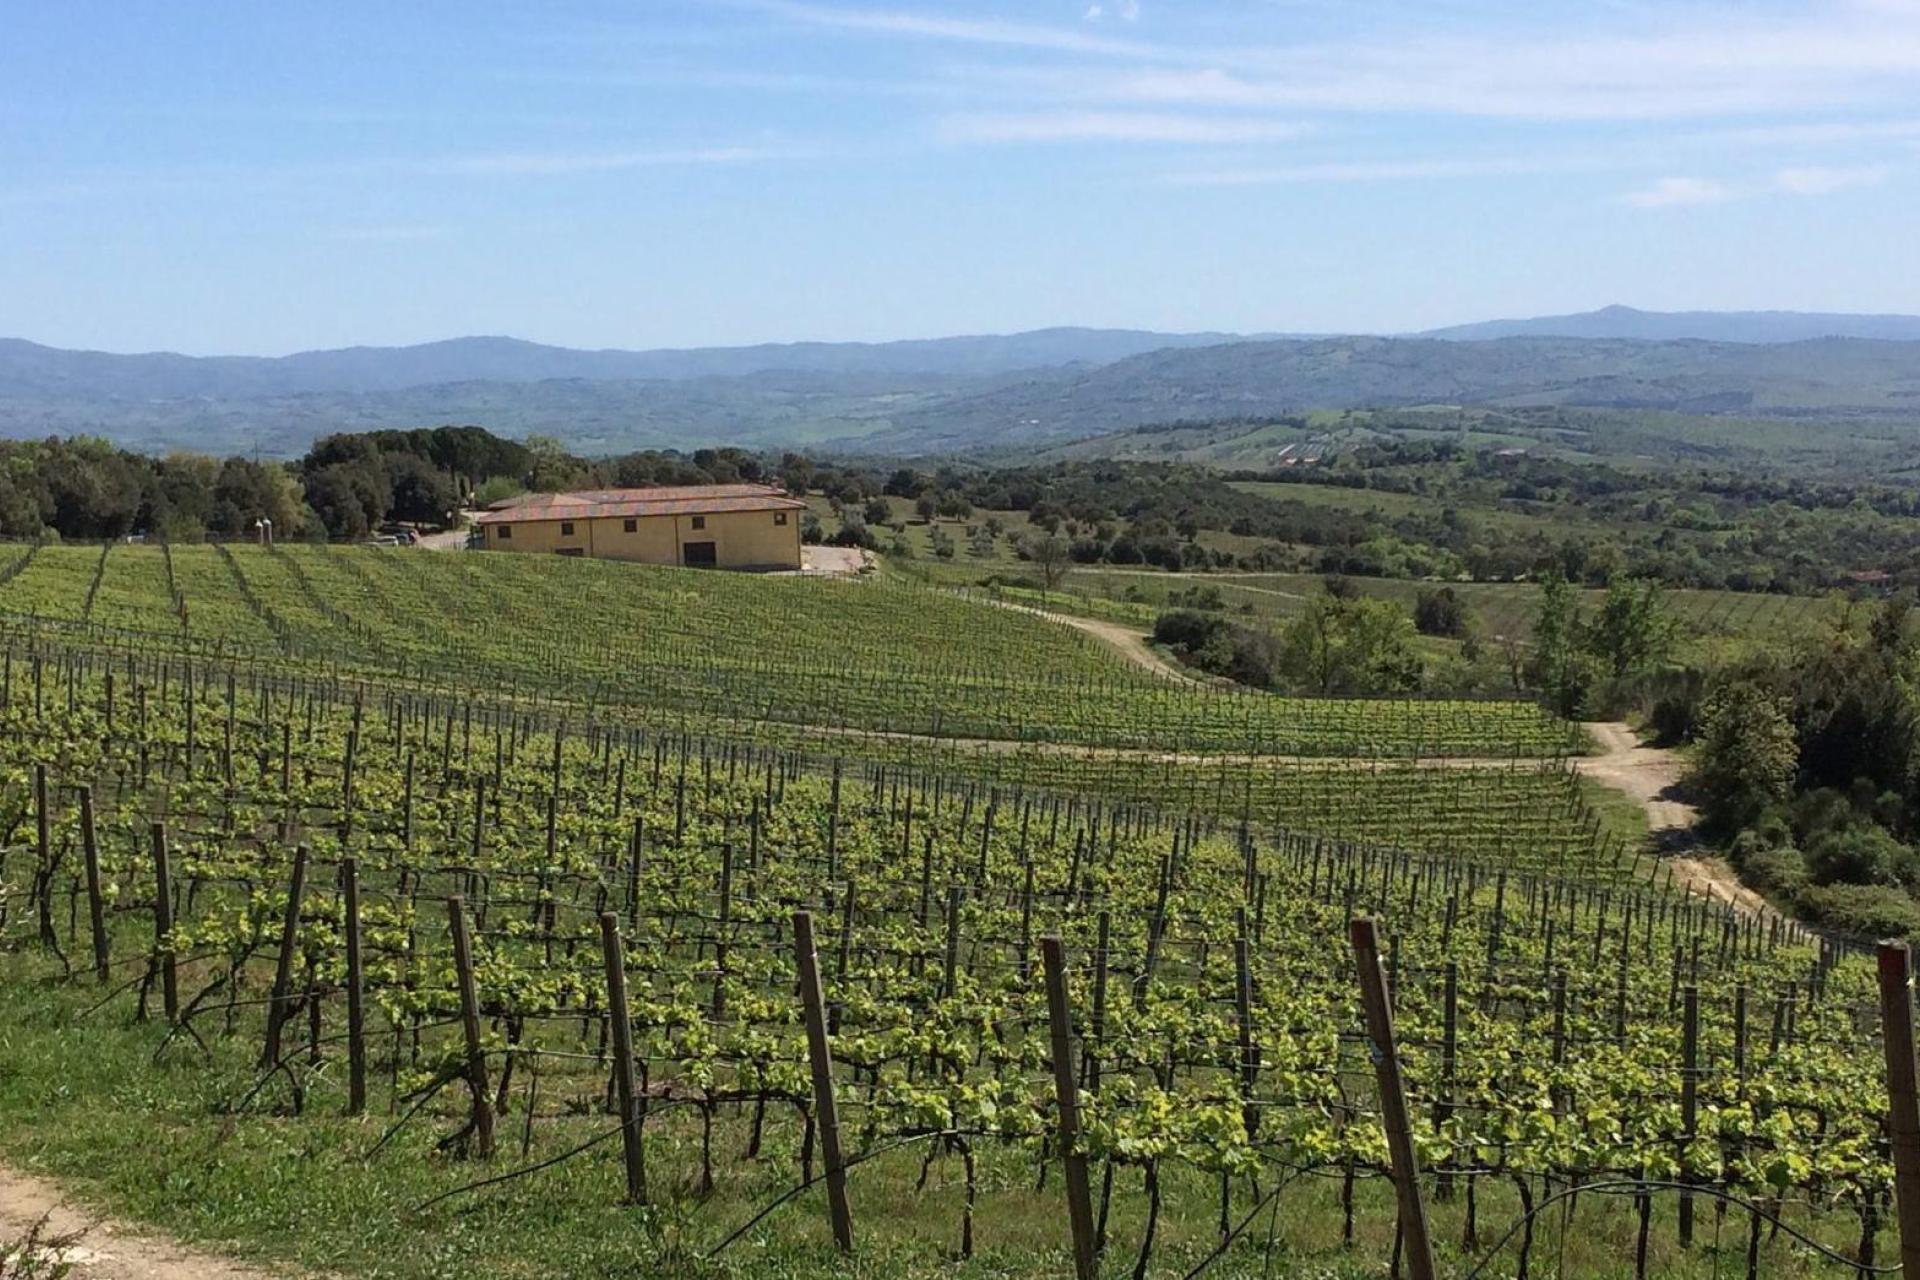 Agriturismo Toskana Agriturismo Toskana, Olivenbäume und Meernähe